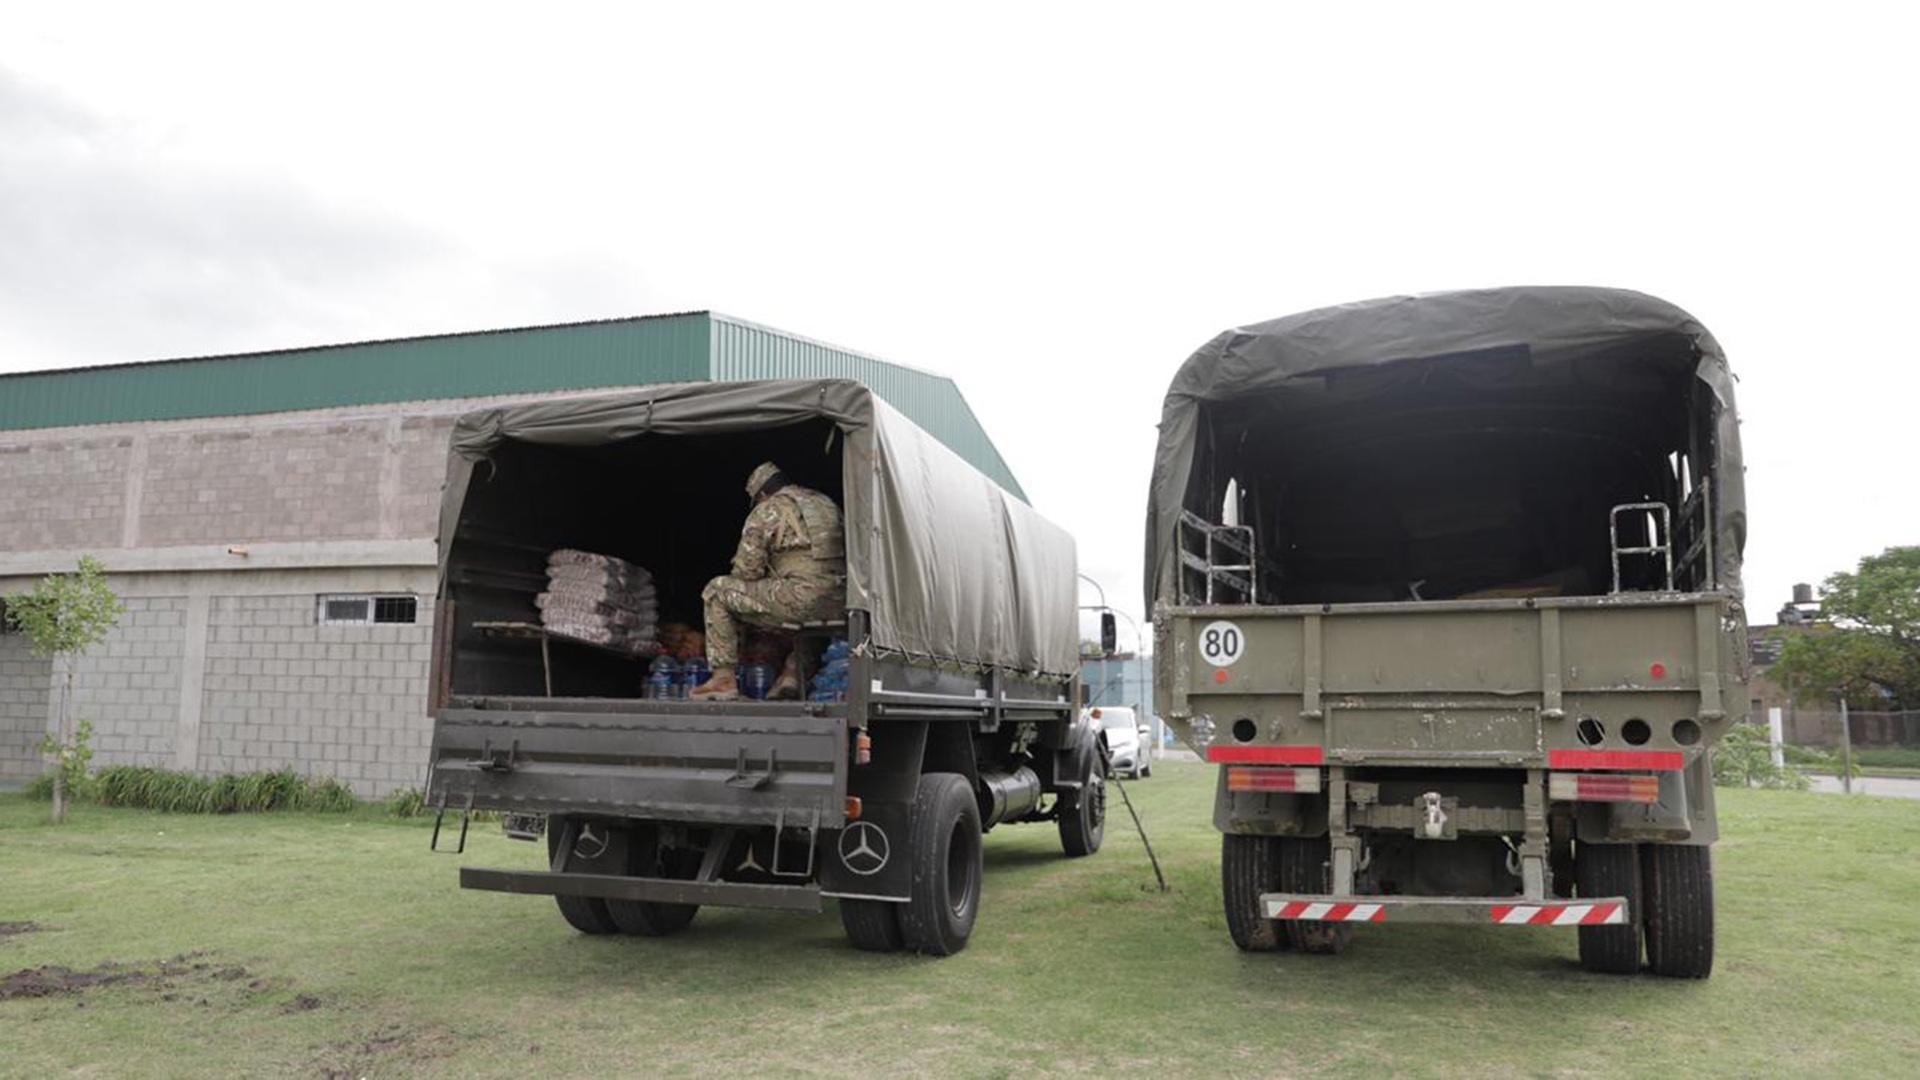 La prueba piloto de La Matanza fue Quilmes. Como el resultado fue exitoso, se paso al territorio más extenso y vulnerable del conurbano